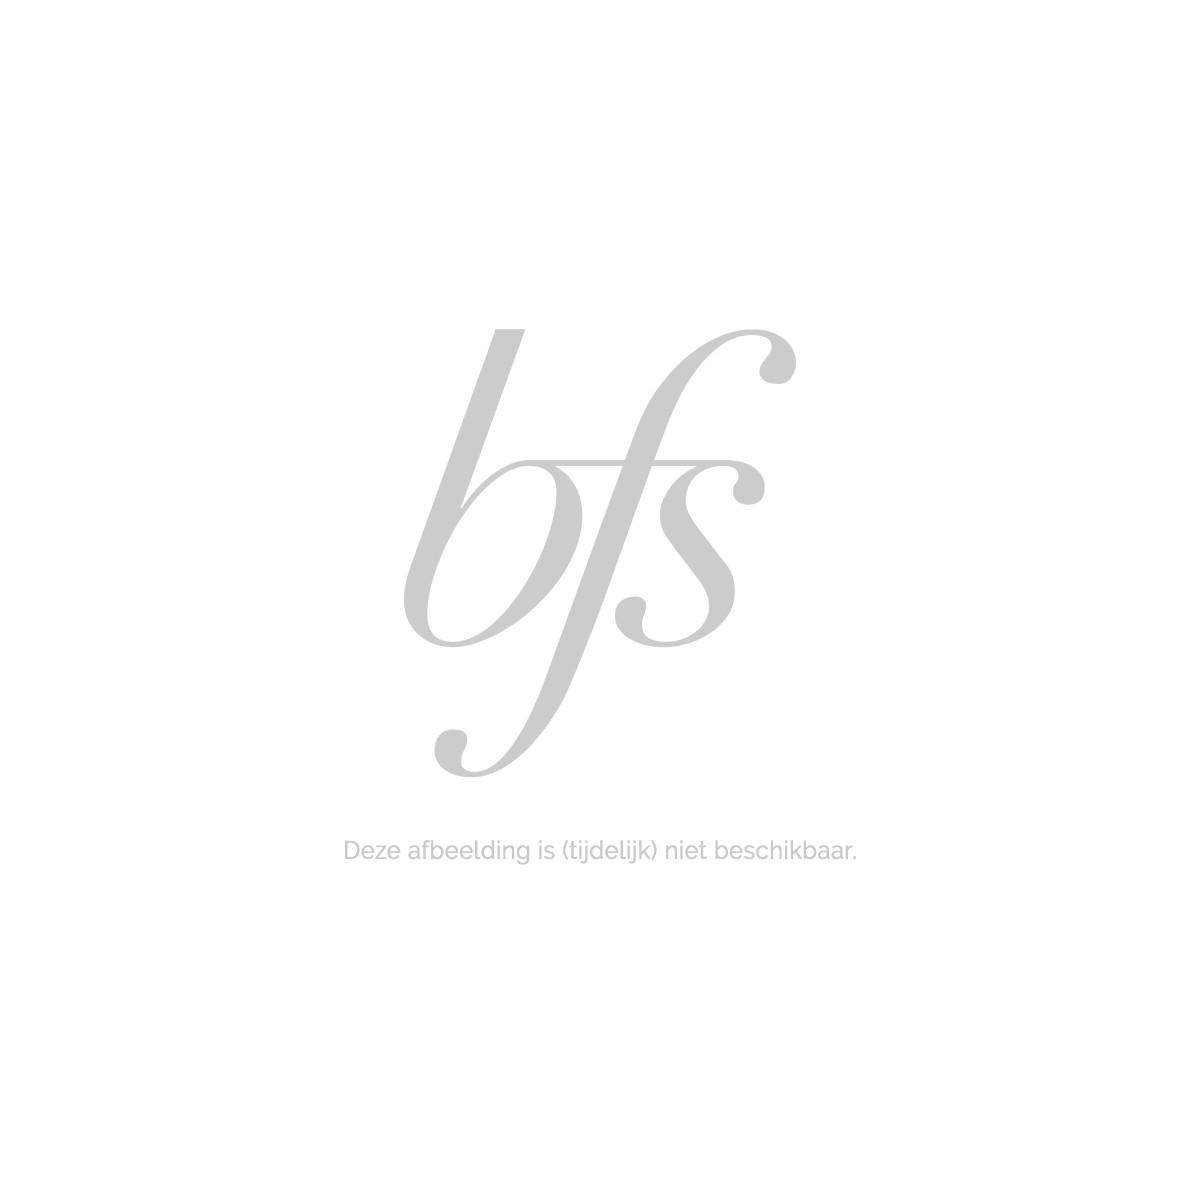 Carita La Creme Yeux and Levres Parfaite 3 Ors